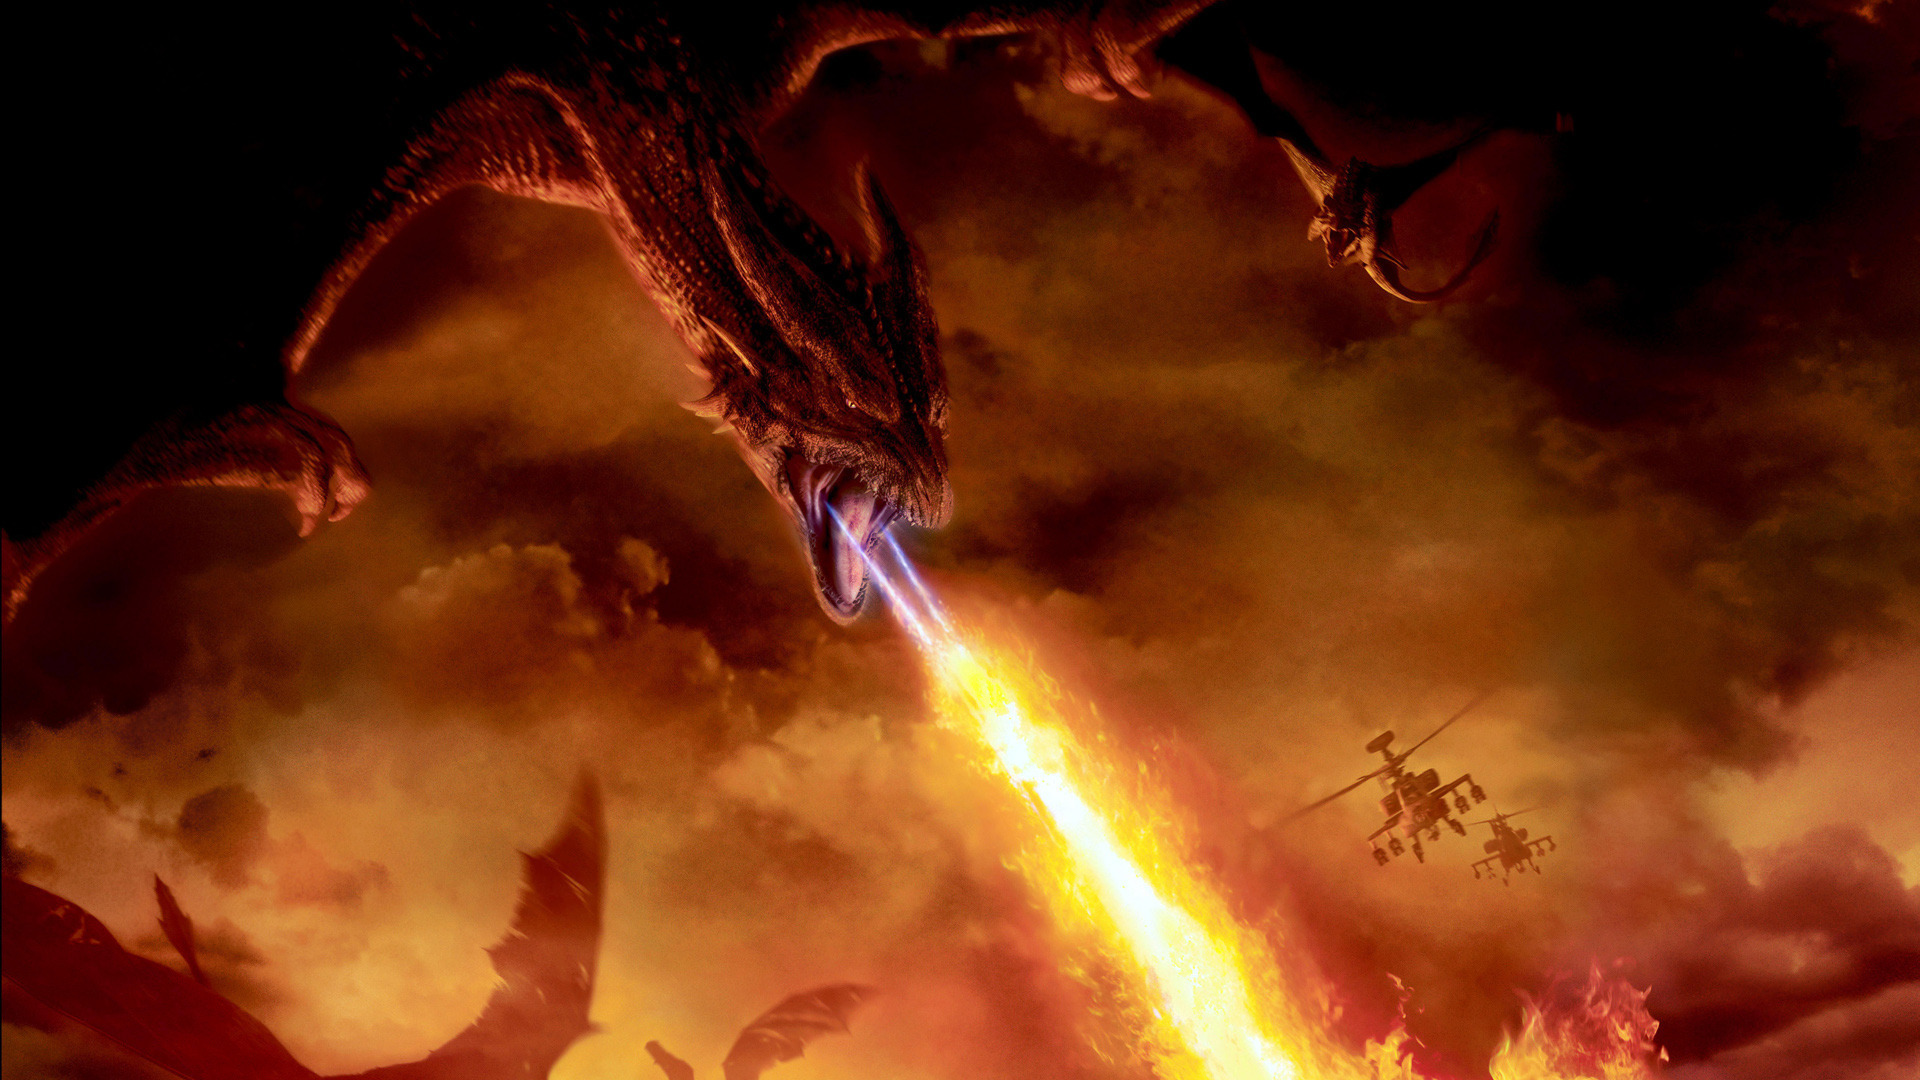 огенный взгляд дракона анонимно